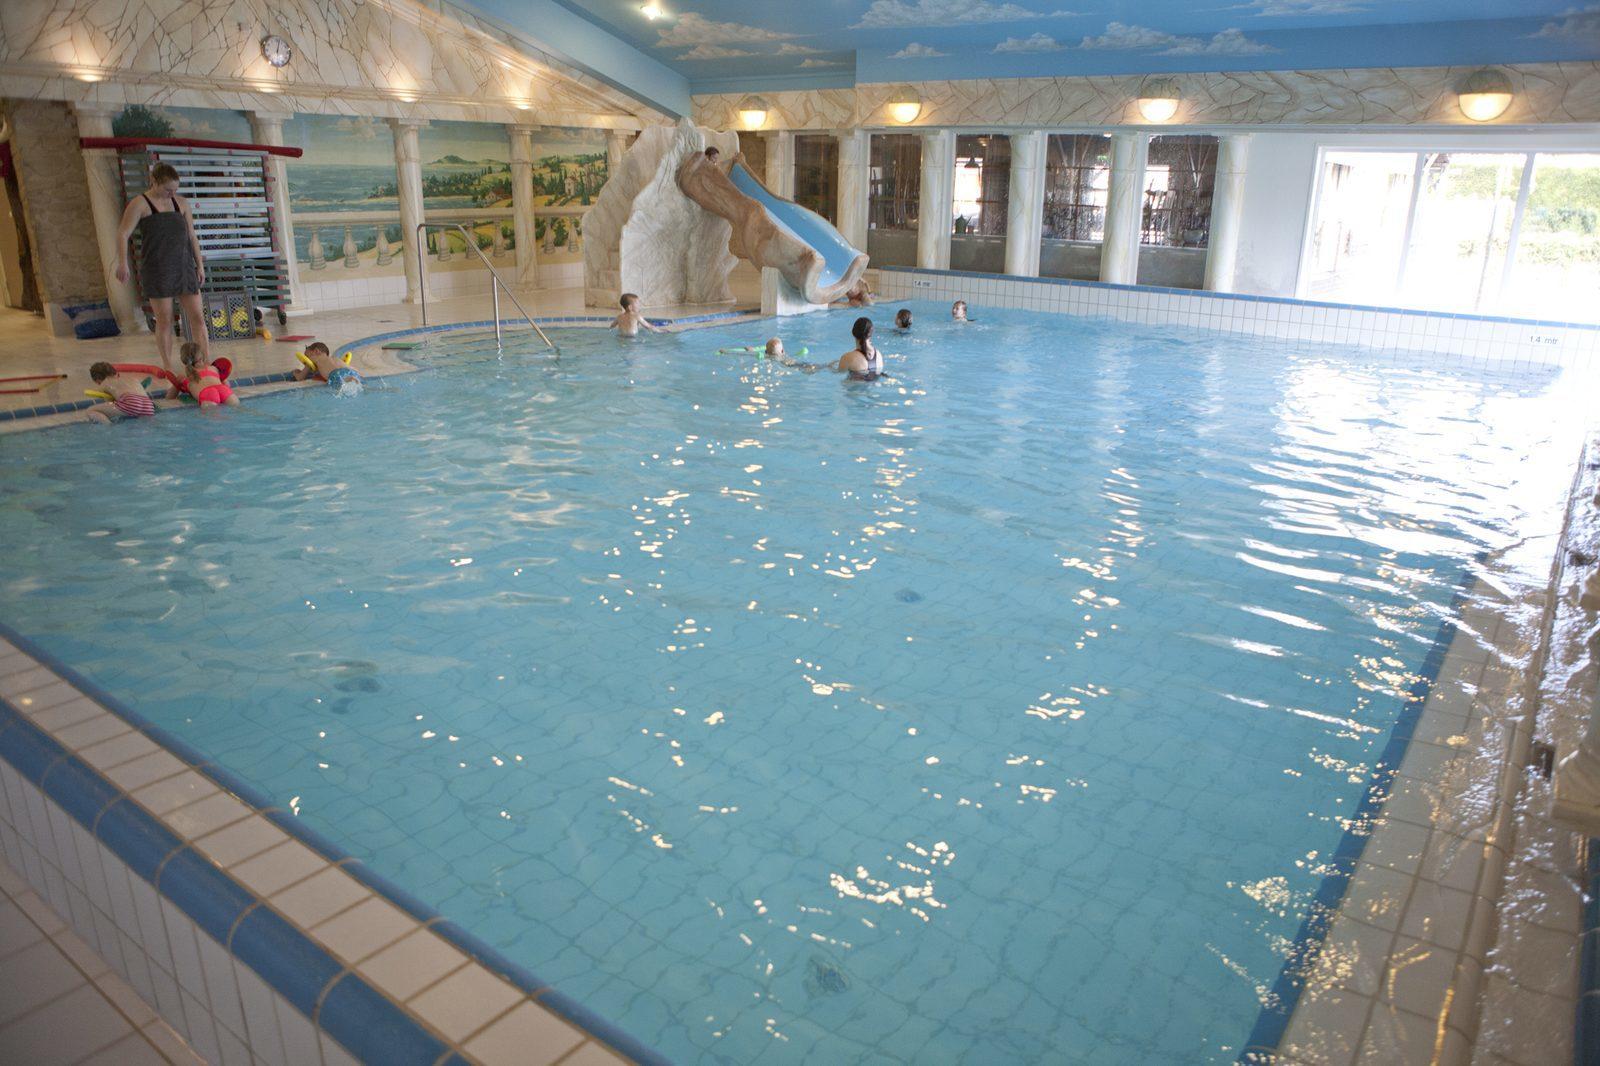 Lekker zwemmen in Voorthuizen op Recreatiepark De Boshoek